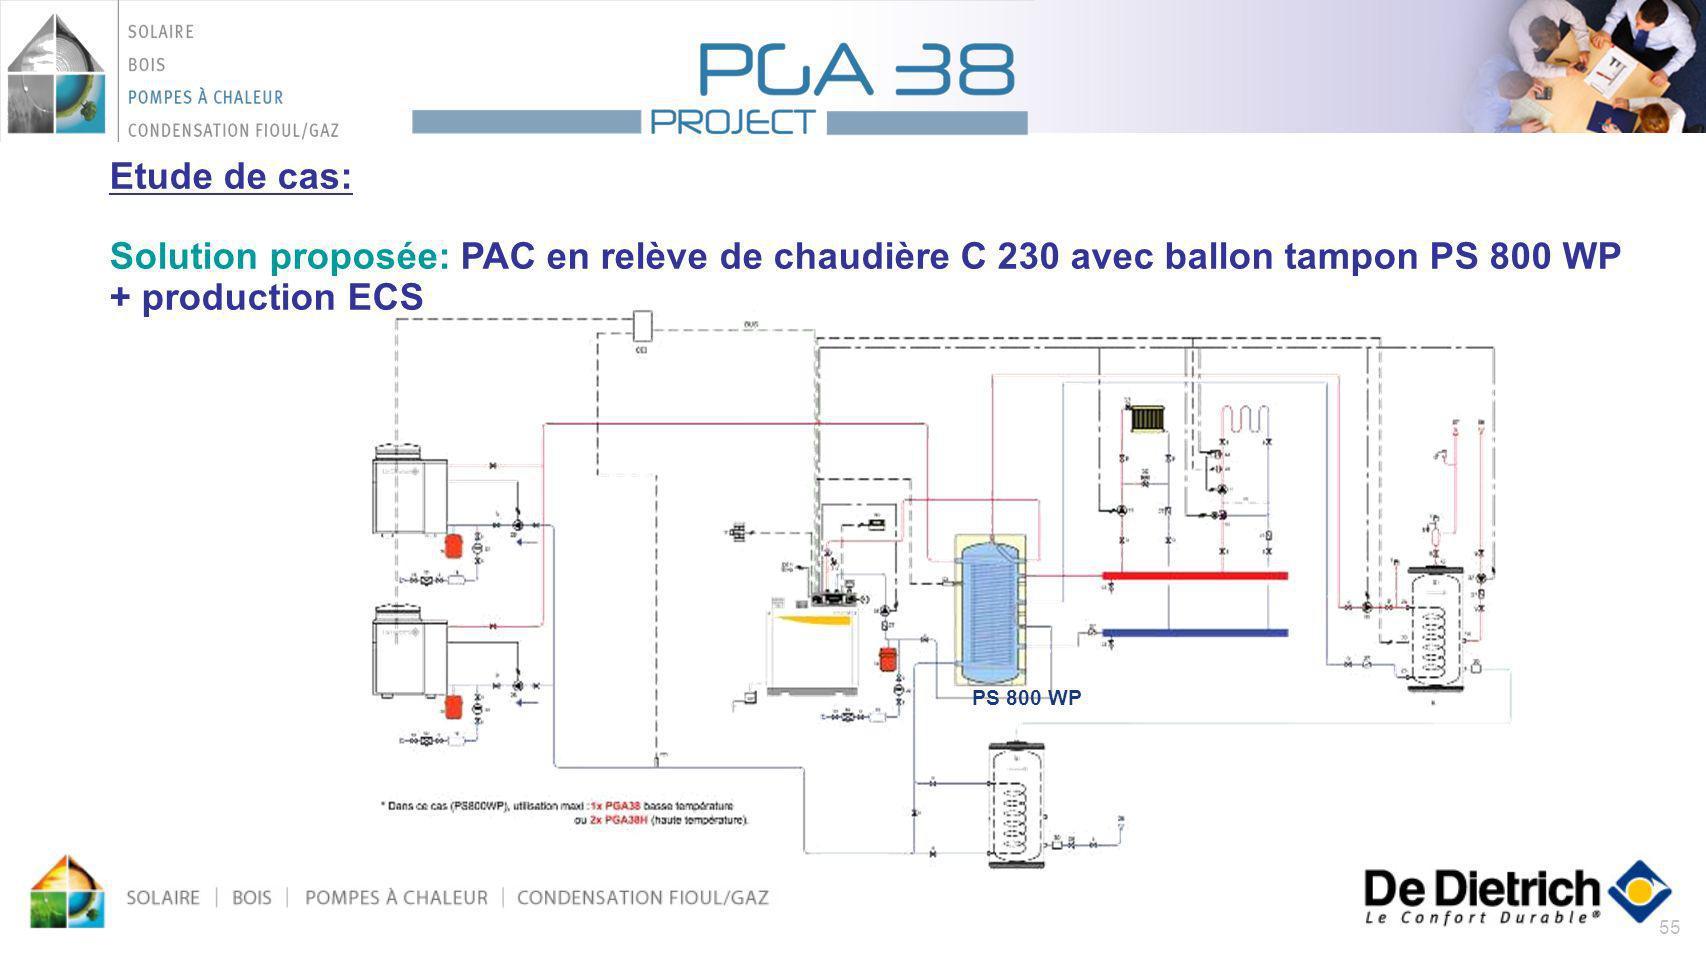 55 PS 800 WP Etude de cas: Solution proposée: PAC en relève de chaudière C 230 avec ballon tampon PS 800 WP + production ECS